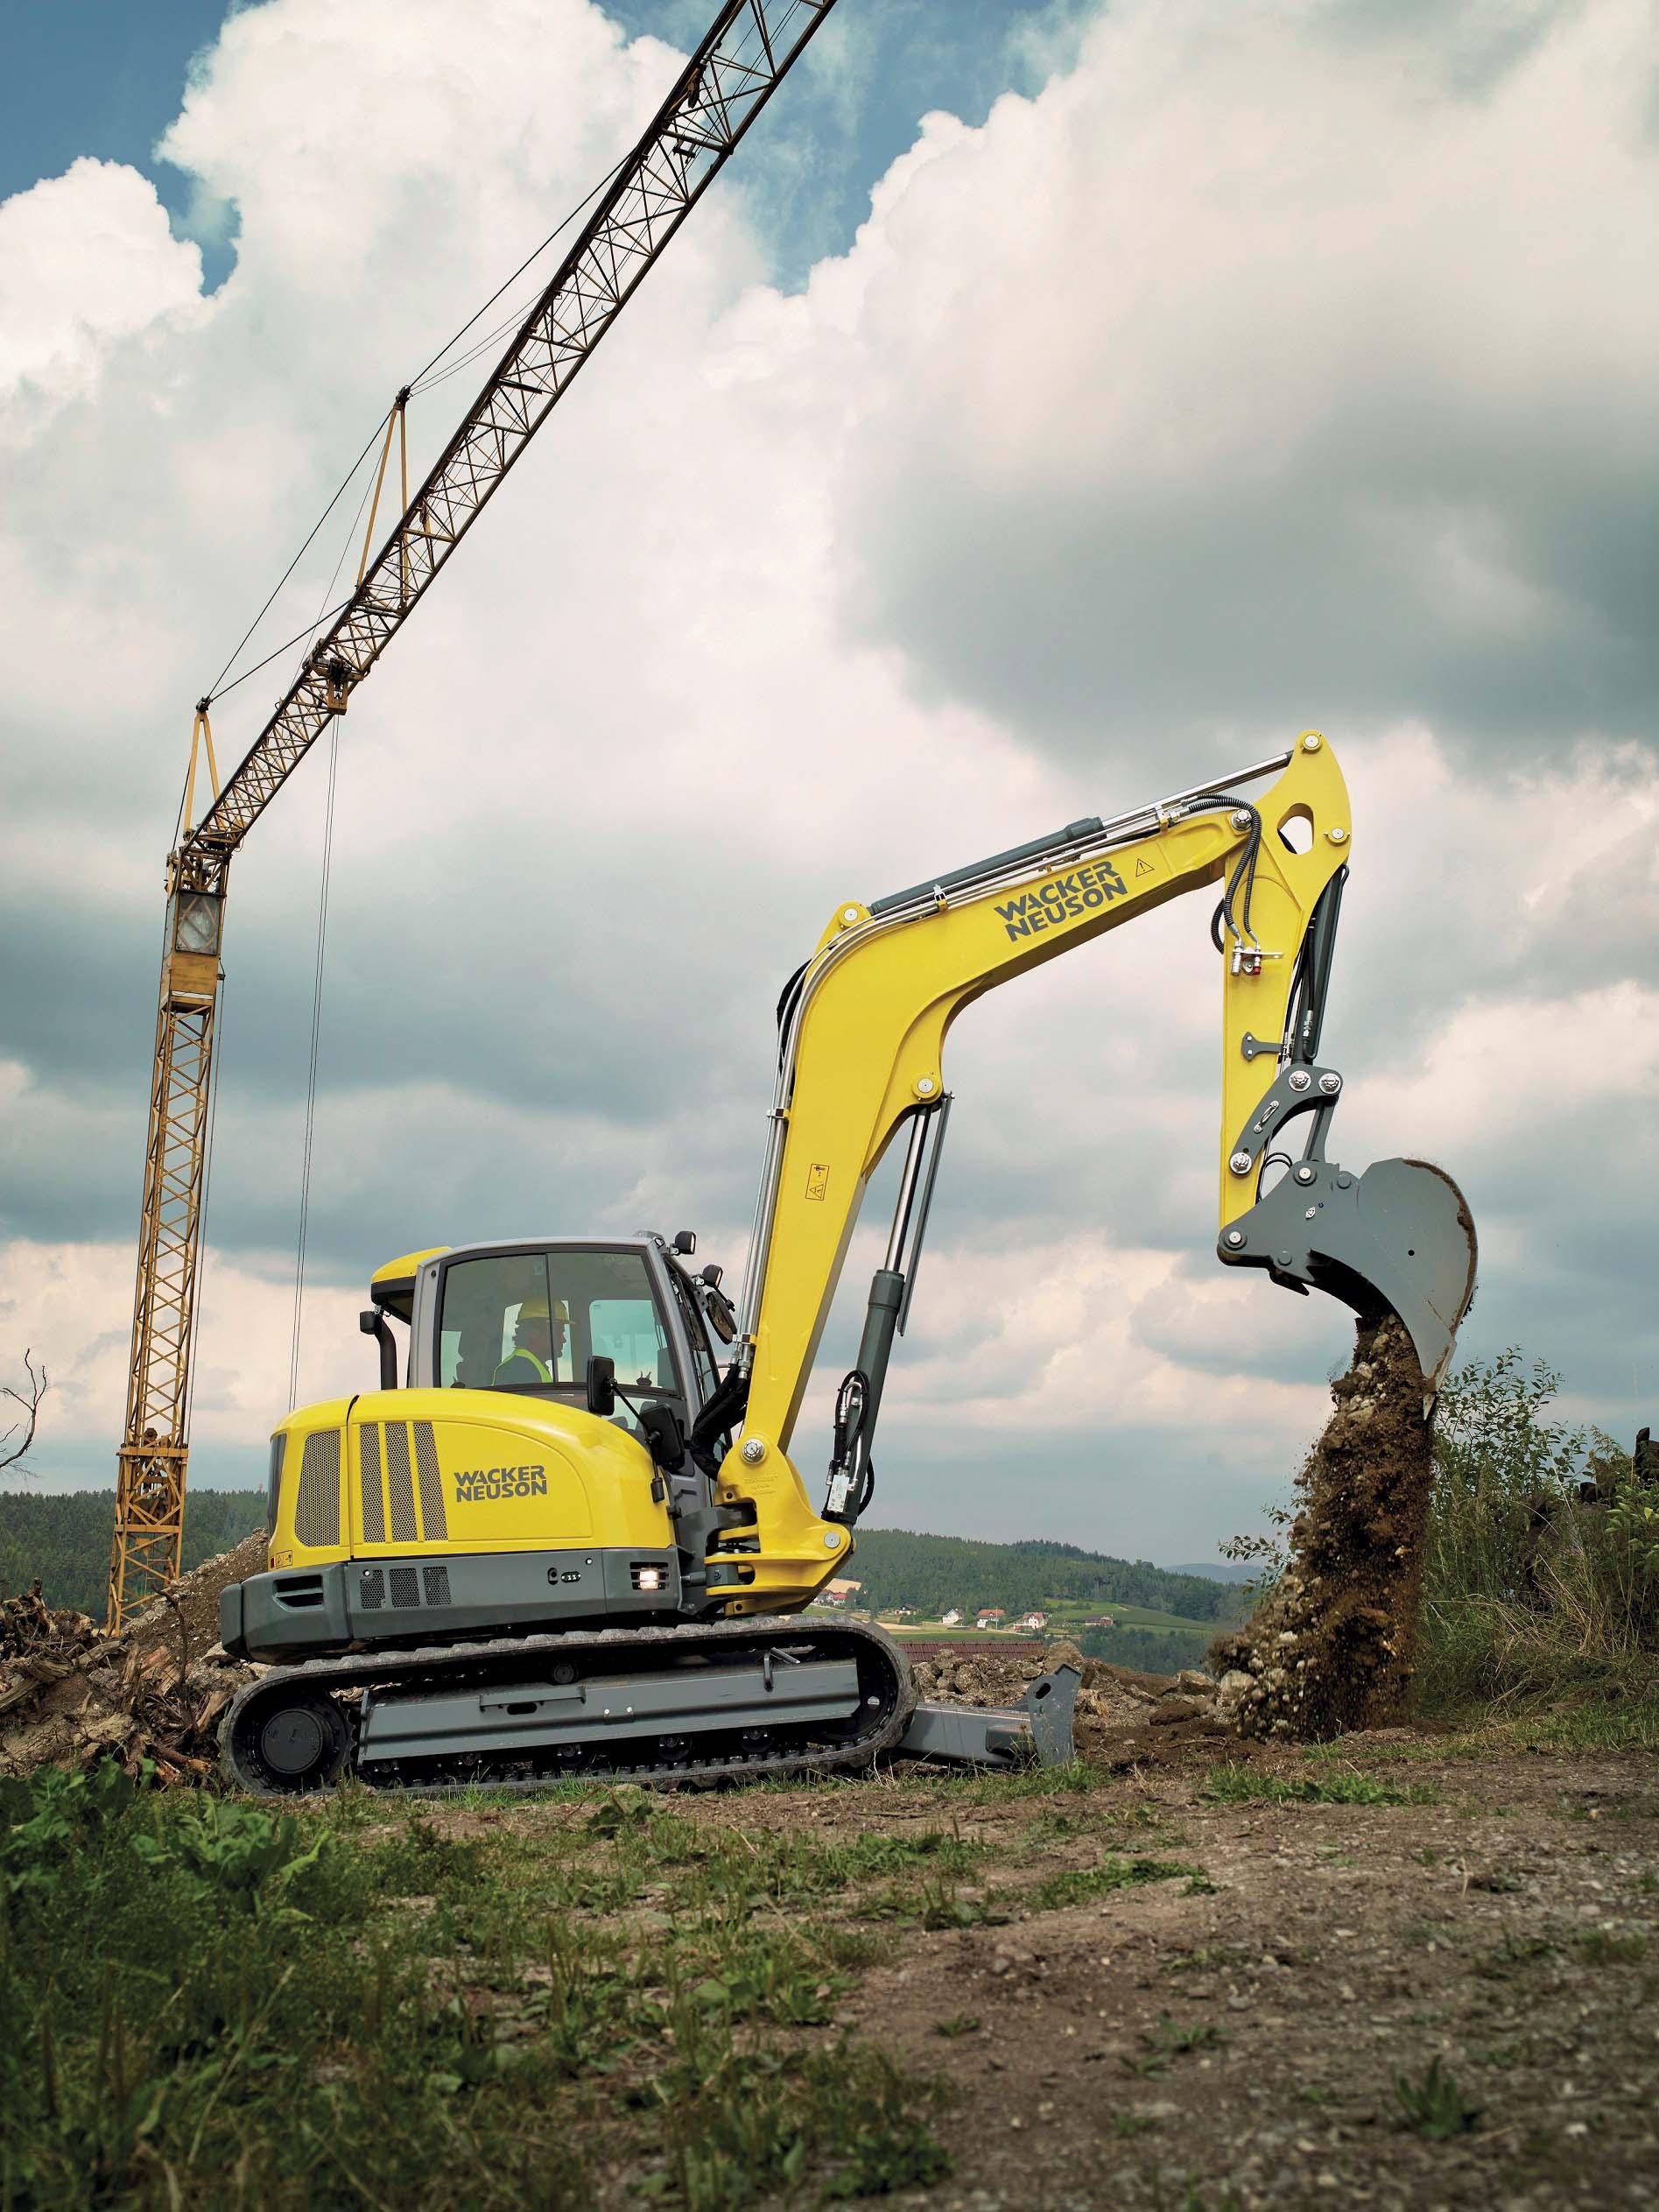 I nuovi escavatori da 6 a 10 tonnellate di WackerNeuson: basso consumo di carburante, confortevoli, potenti